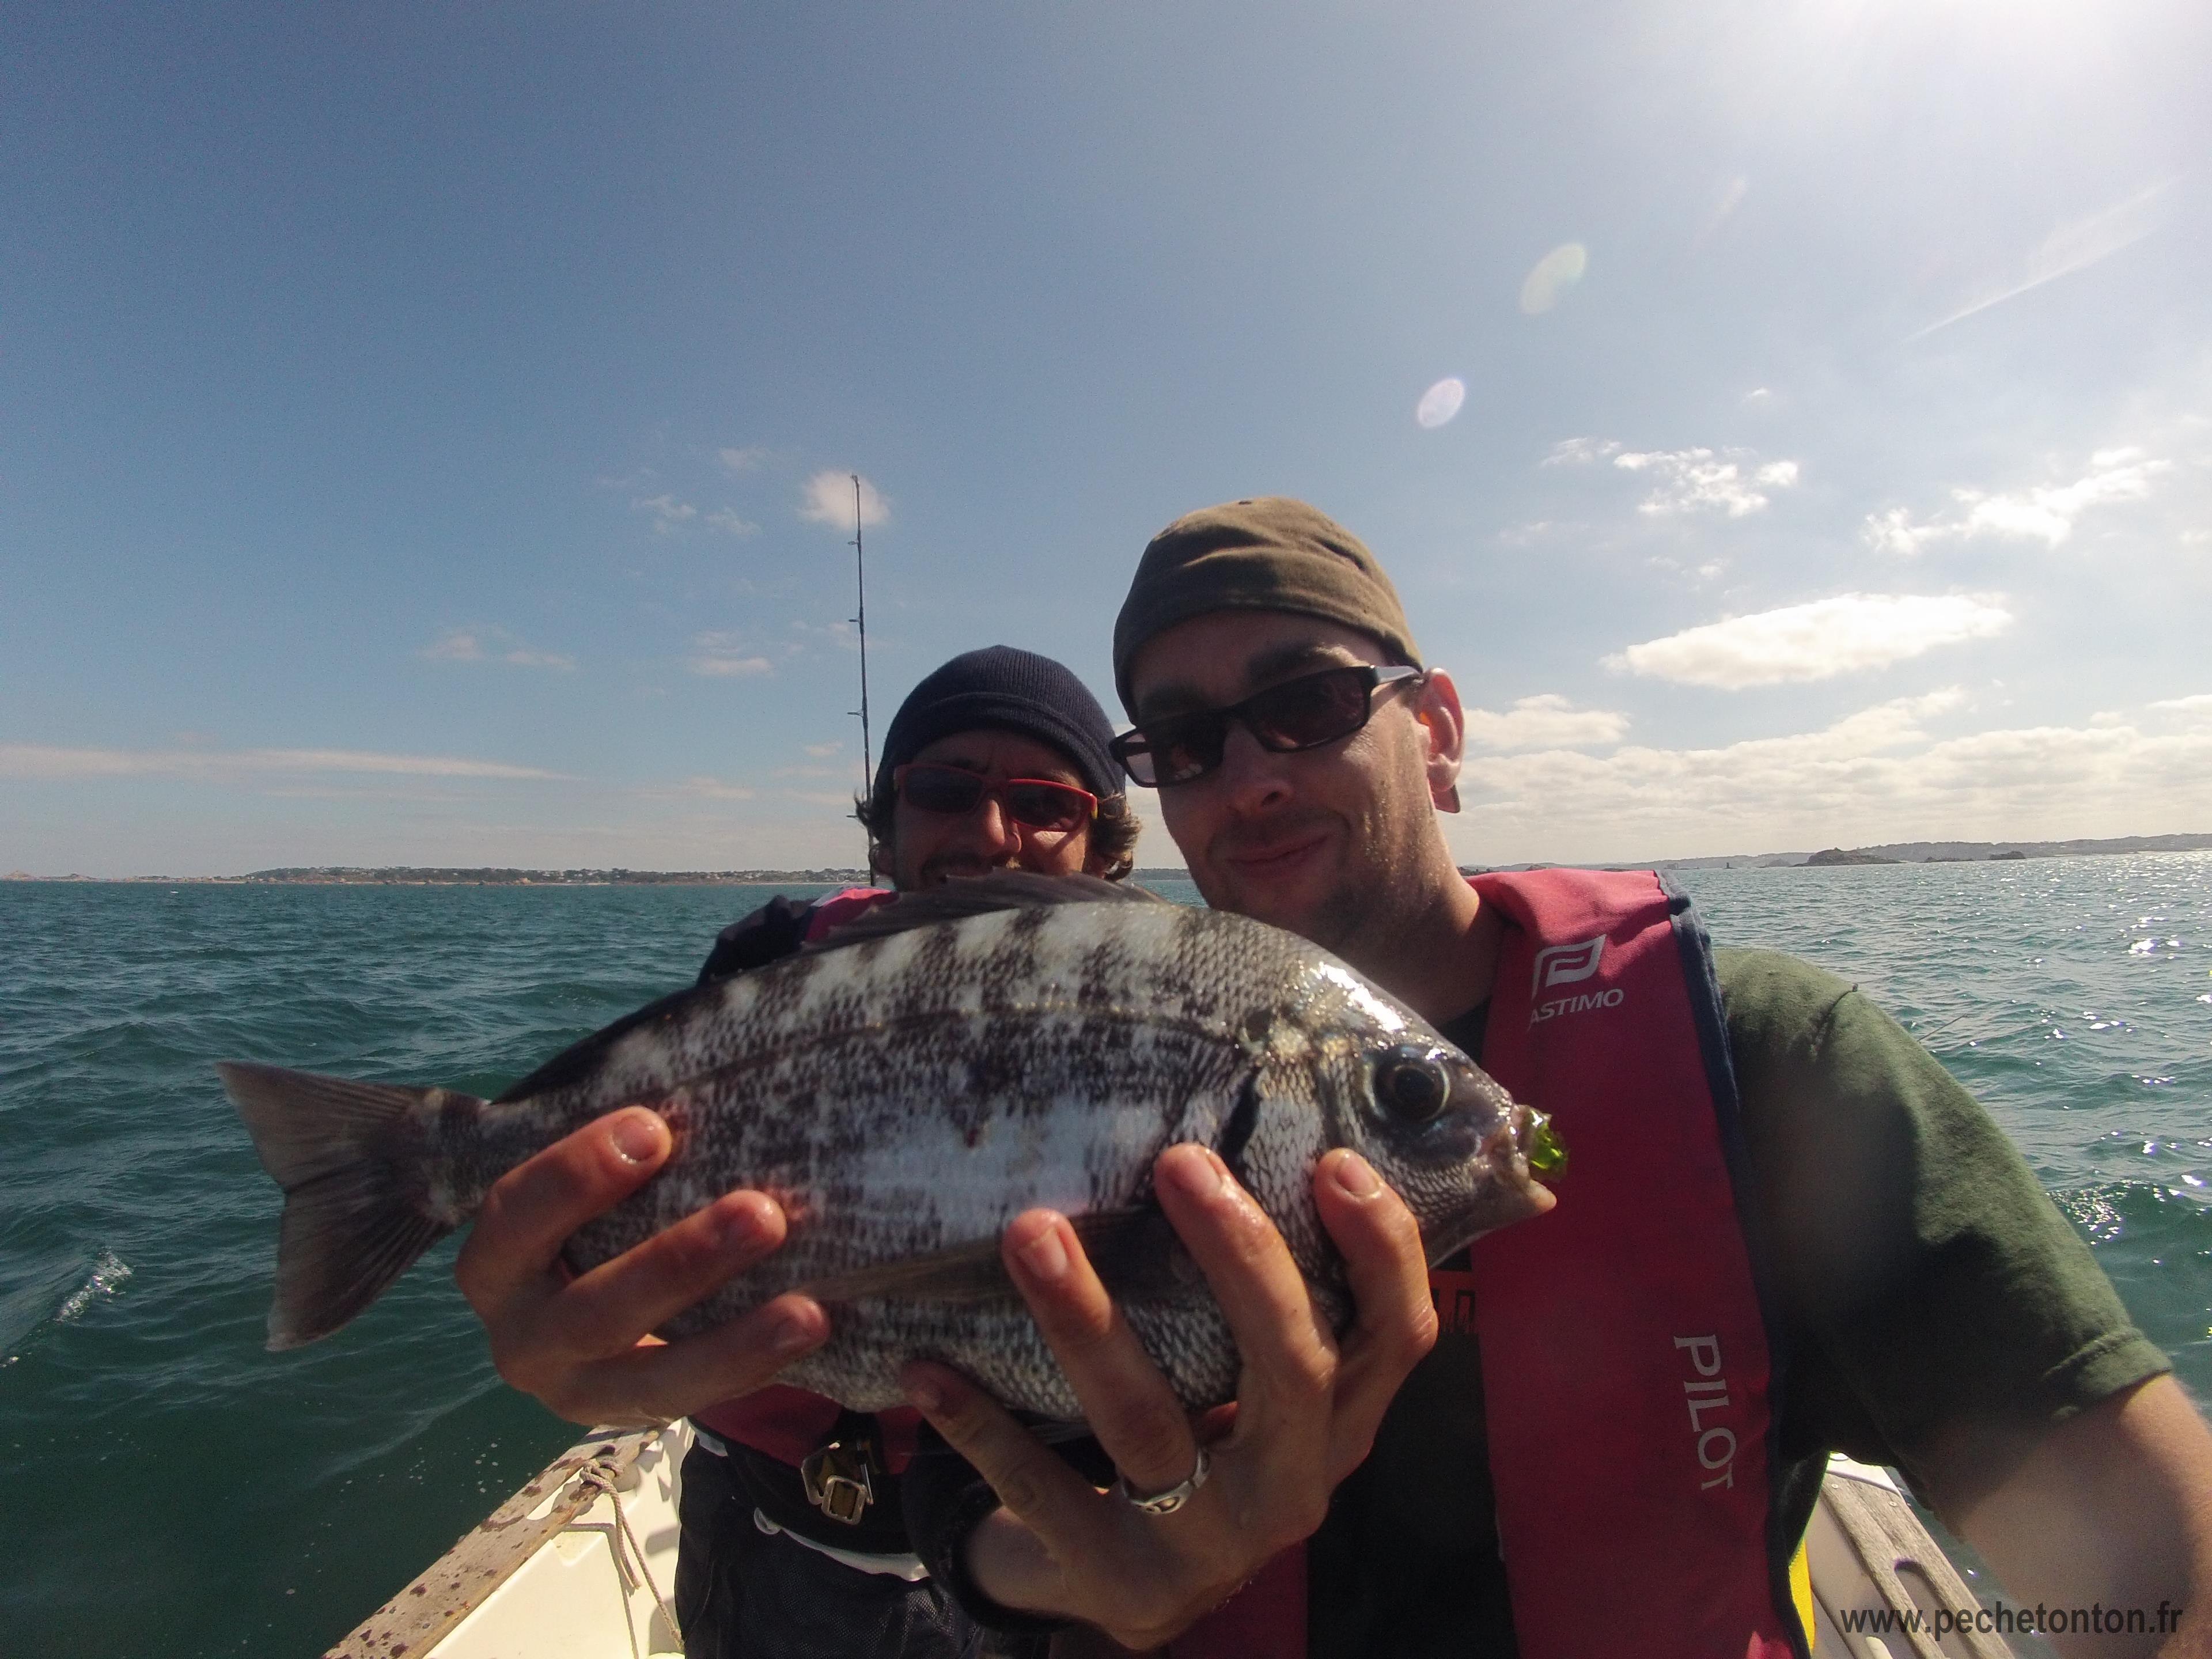 Angler Stephan & Pêche Tonton «Fishing Times»